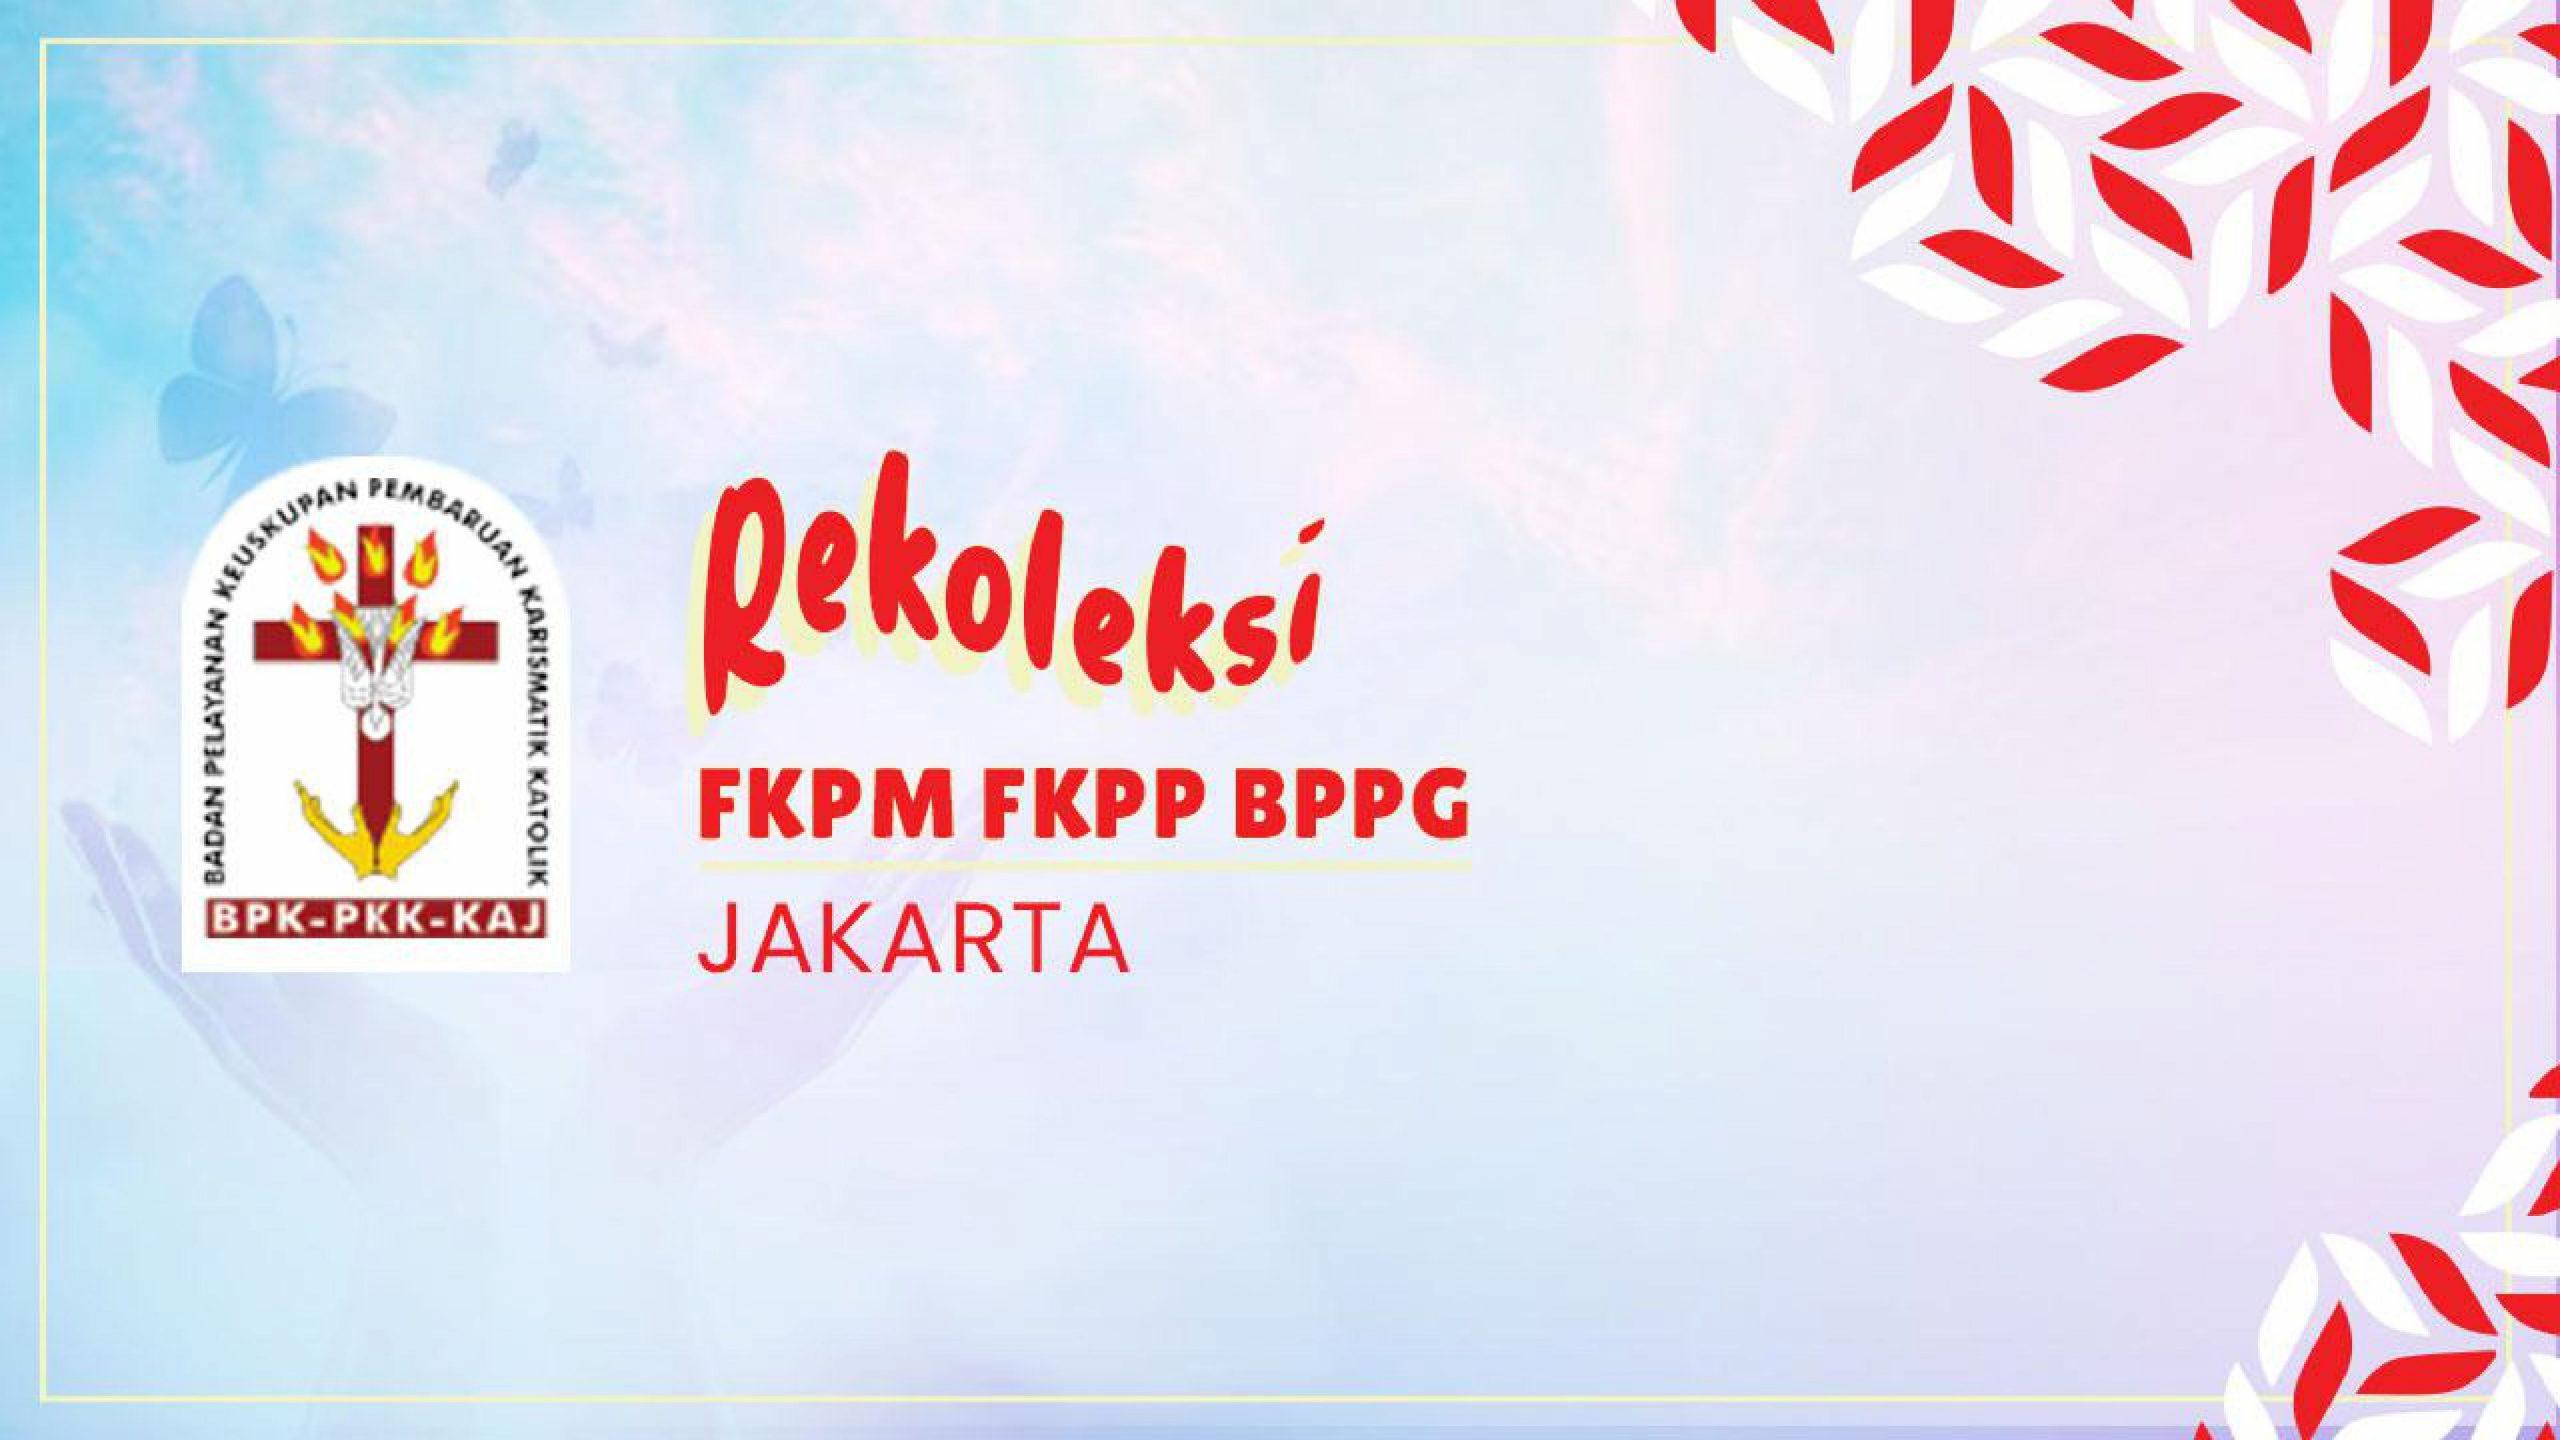 Rekoleksi FKPM FKPP BPPG Jakarta